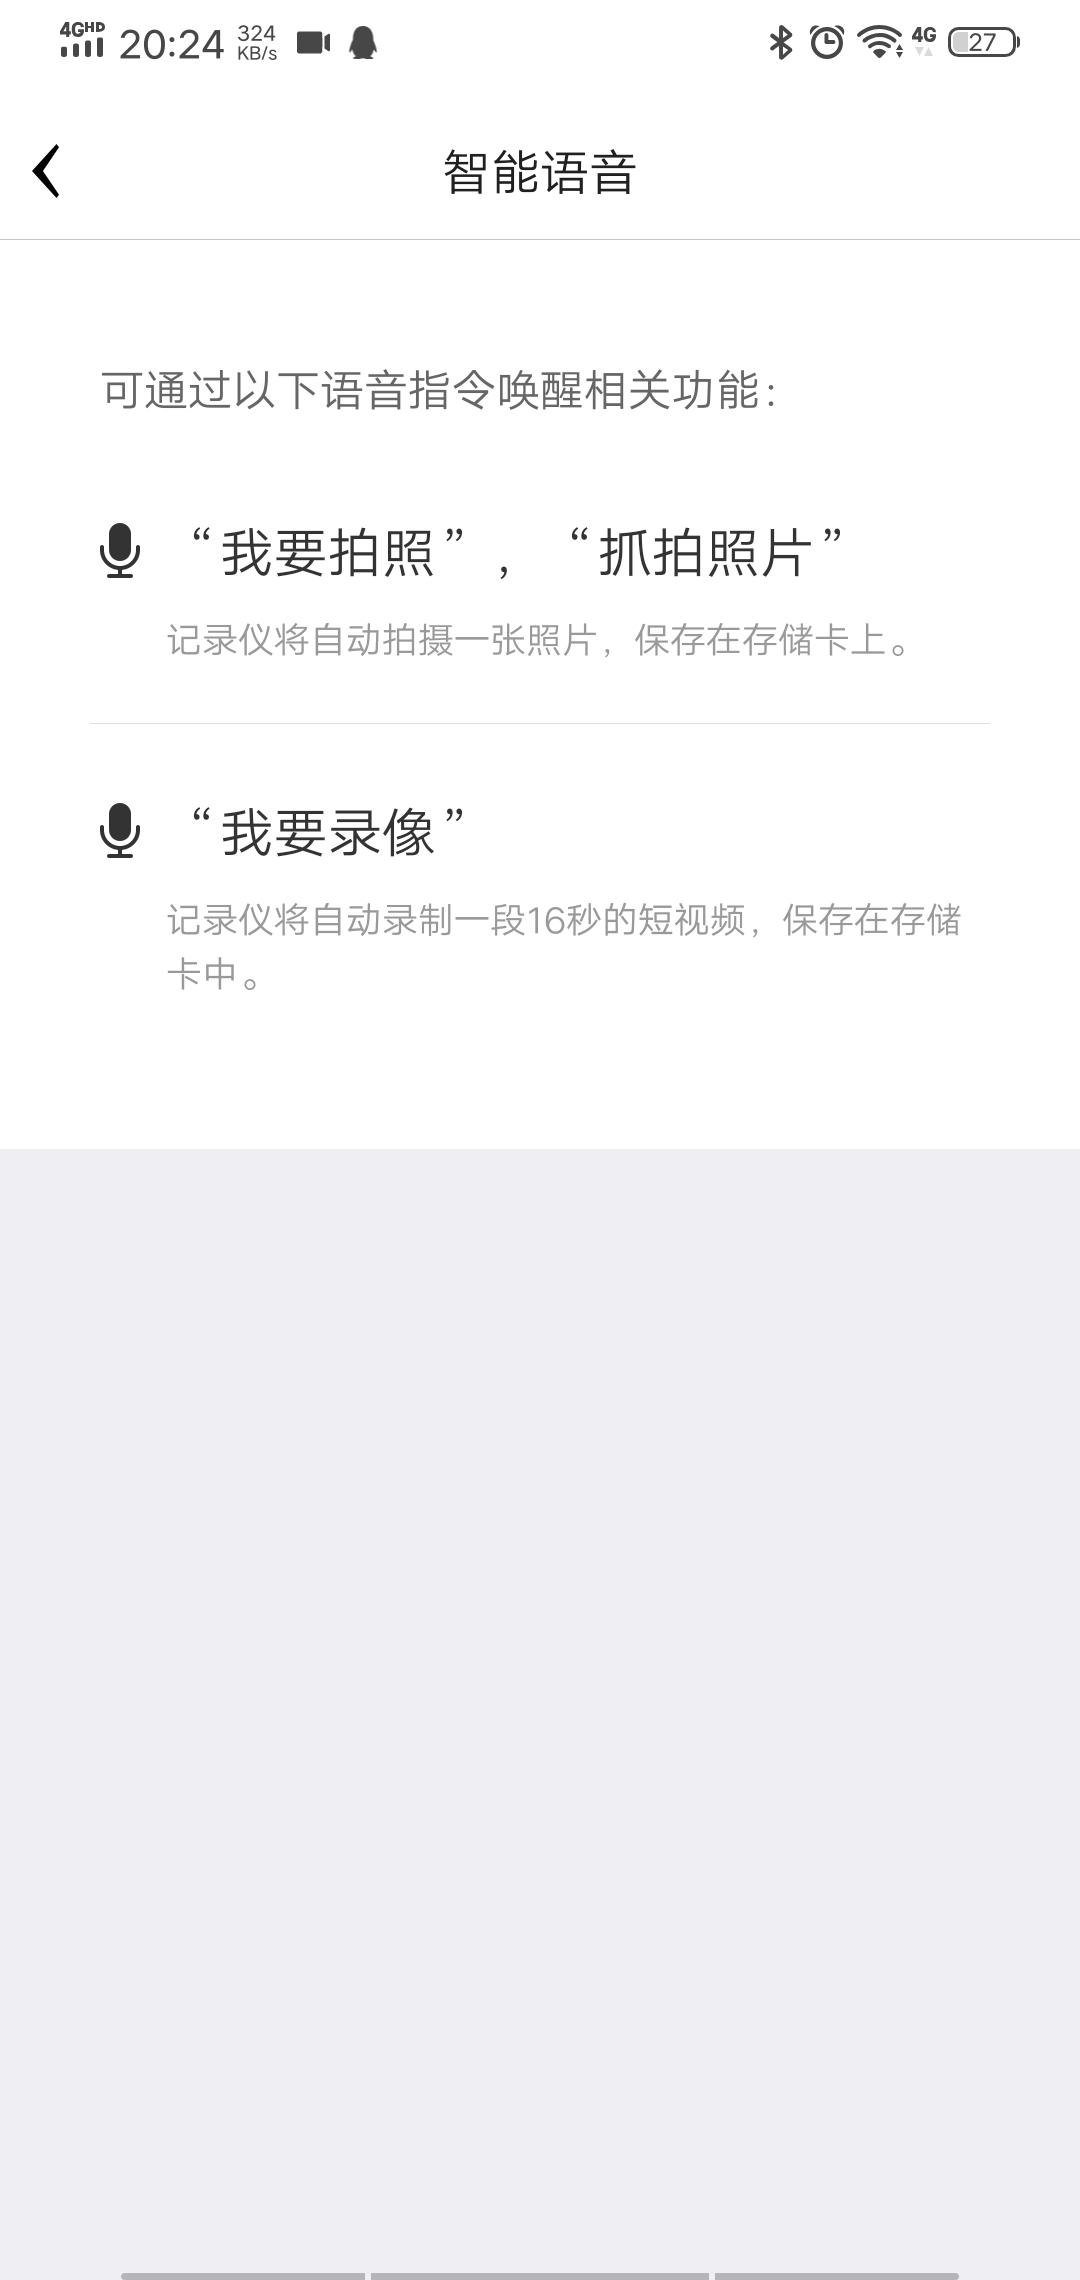 Screenshot_20191221_202428.jpg